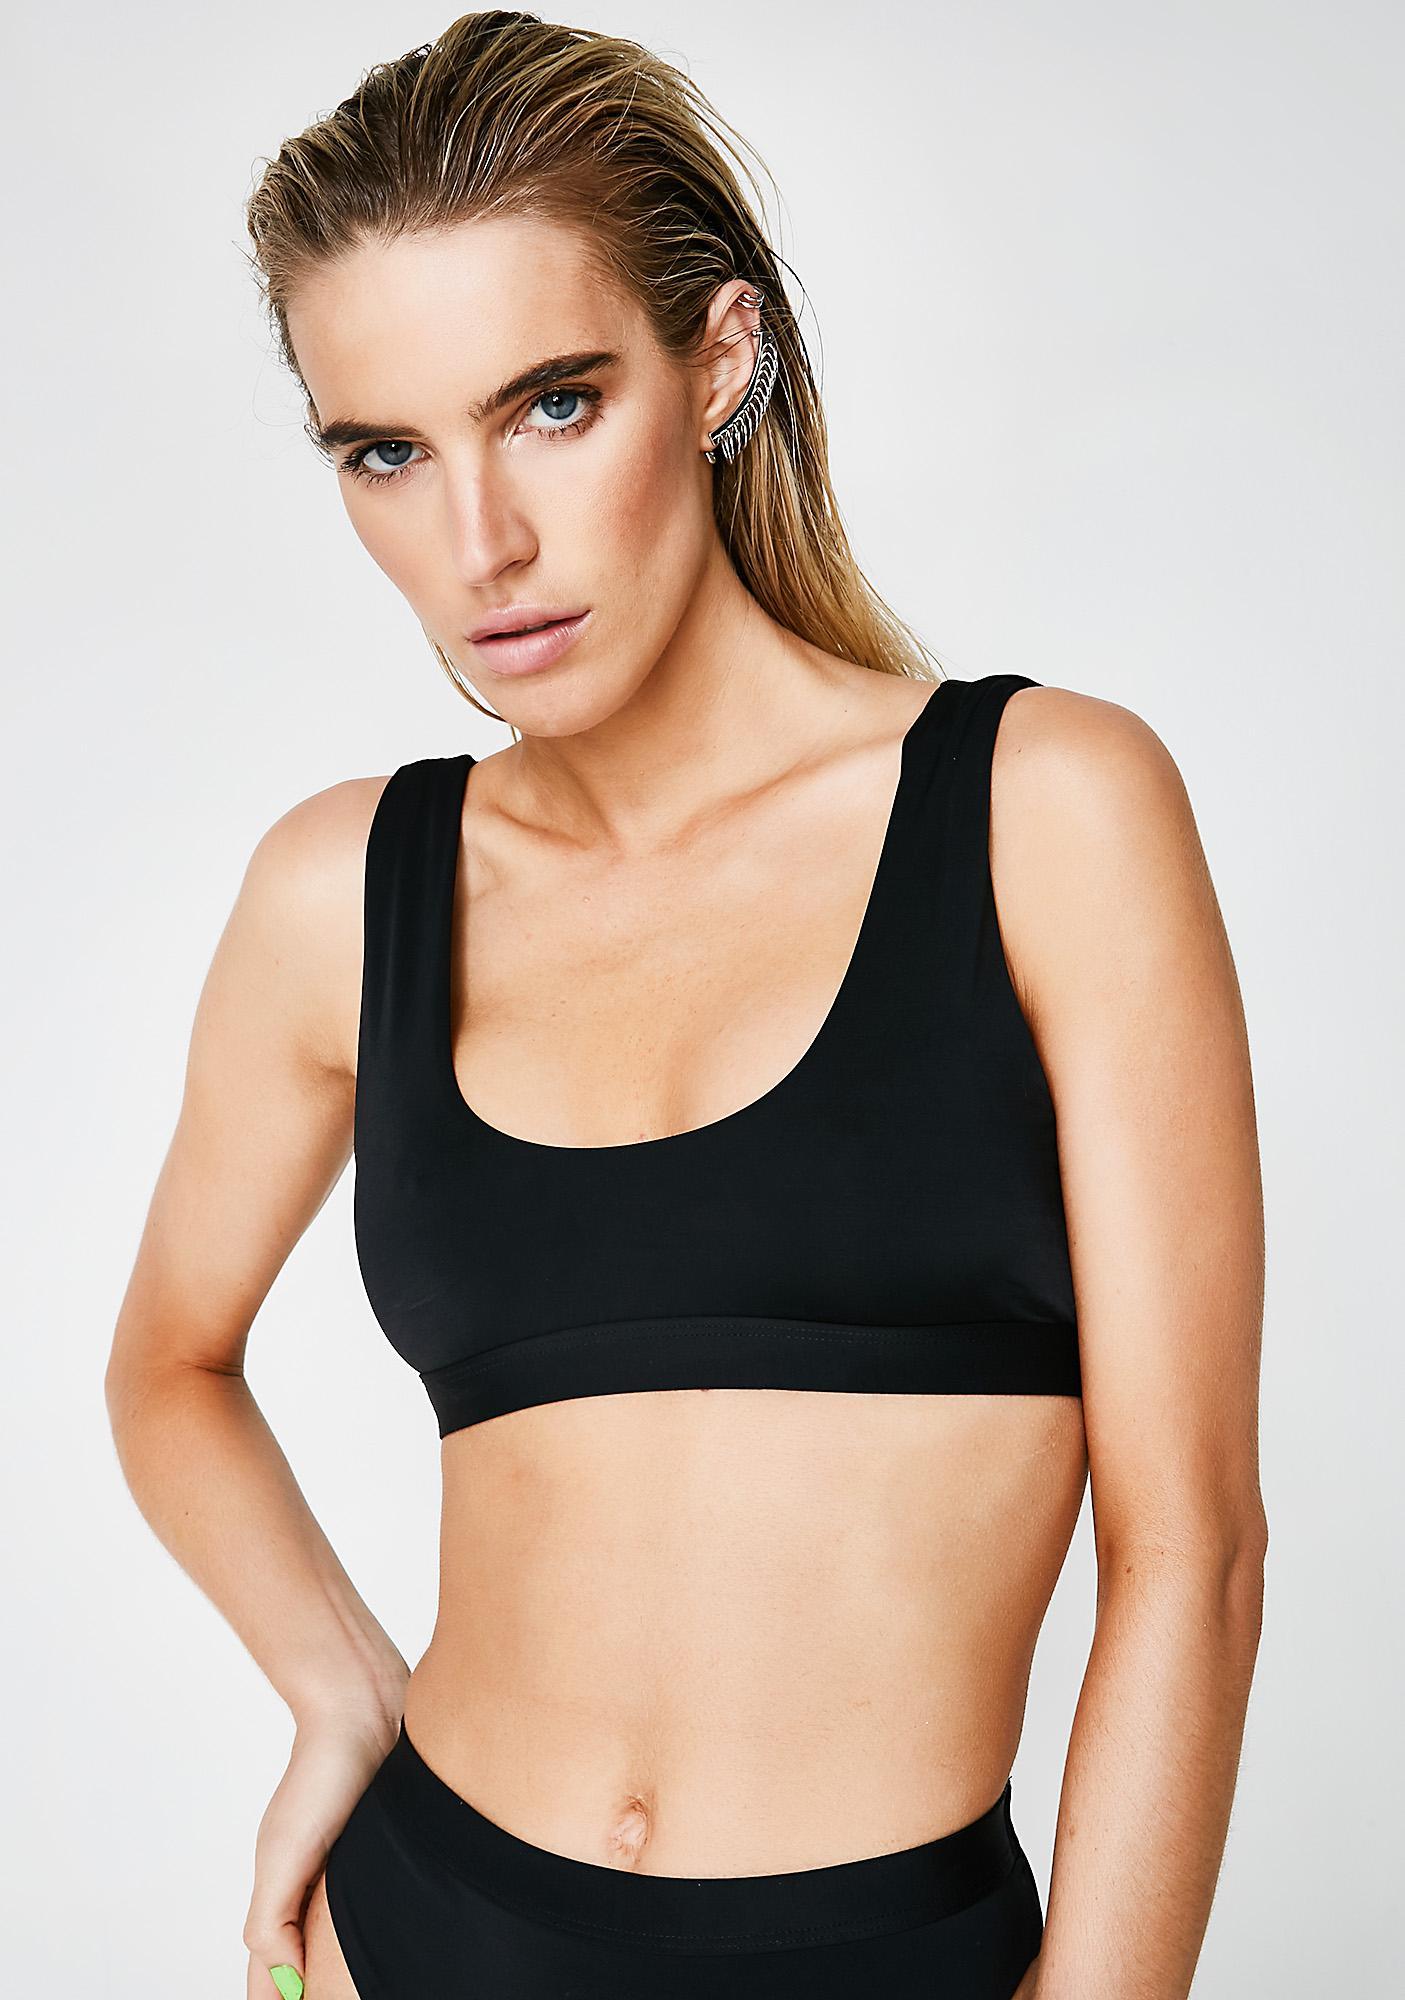 Dippin' Daisy's Seamless Sport Bikini Top